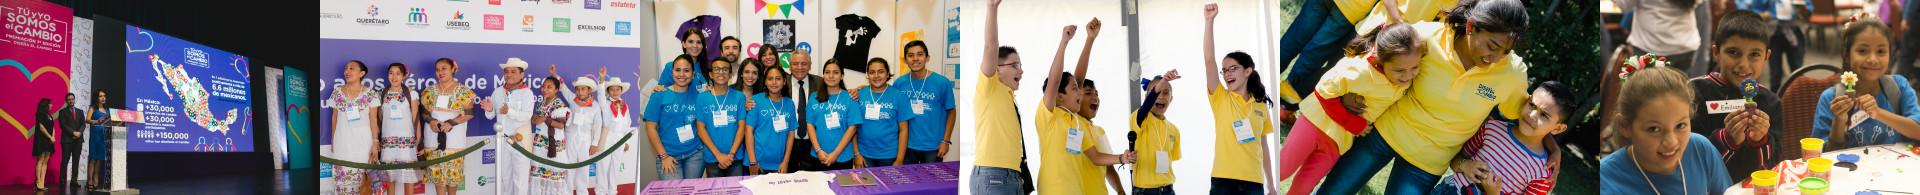 Banner con diferentes fotos de la premiación y actividades del Evento Tu y Yo Somos el Cambio